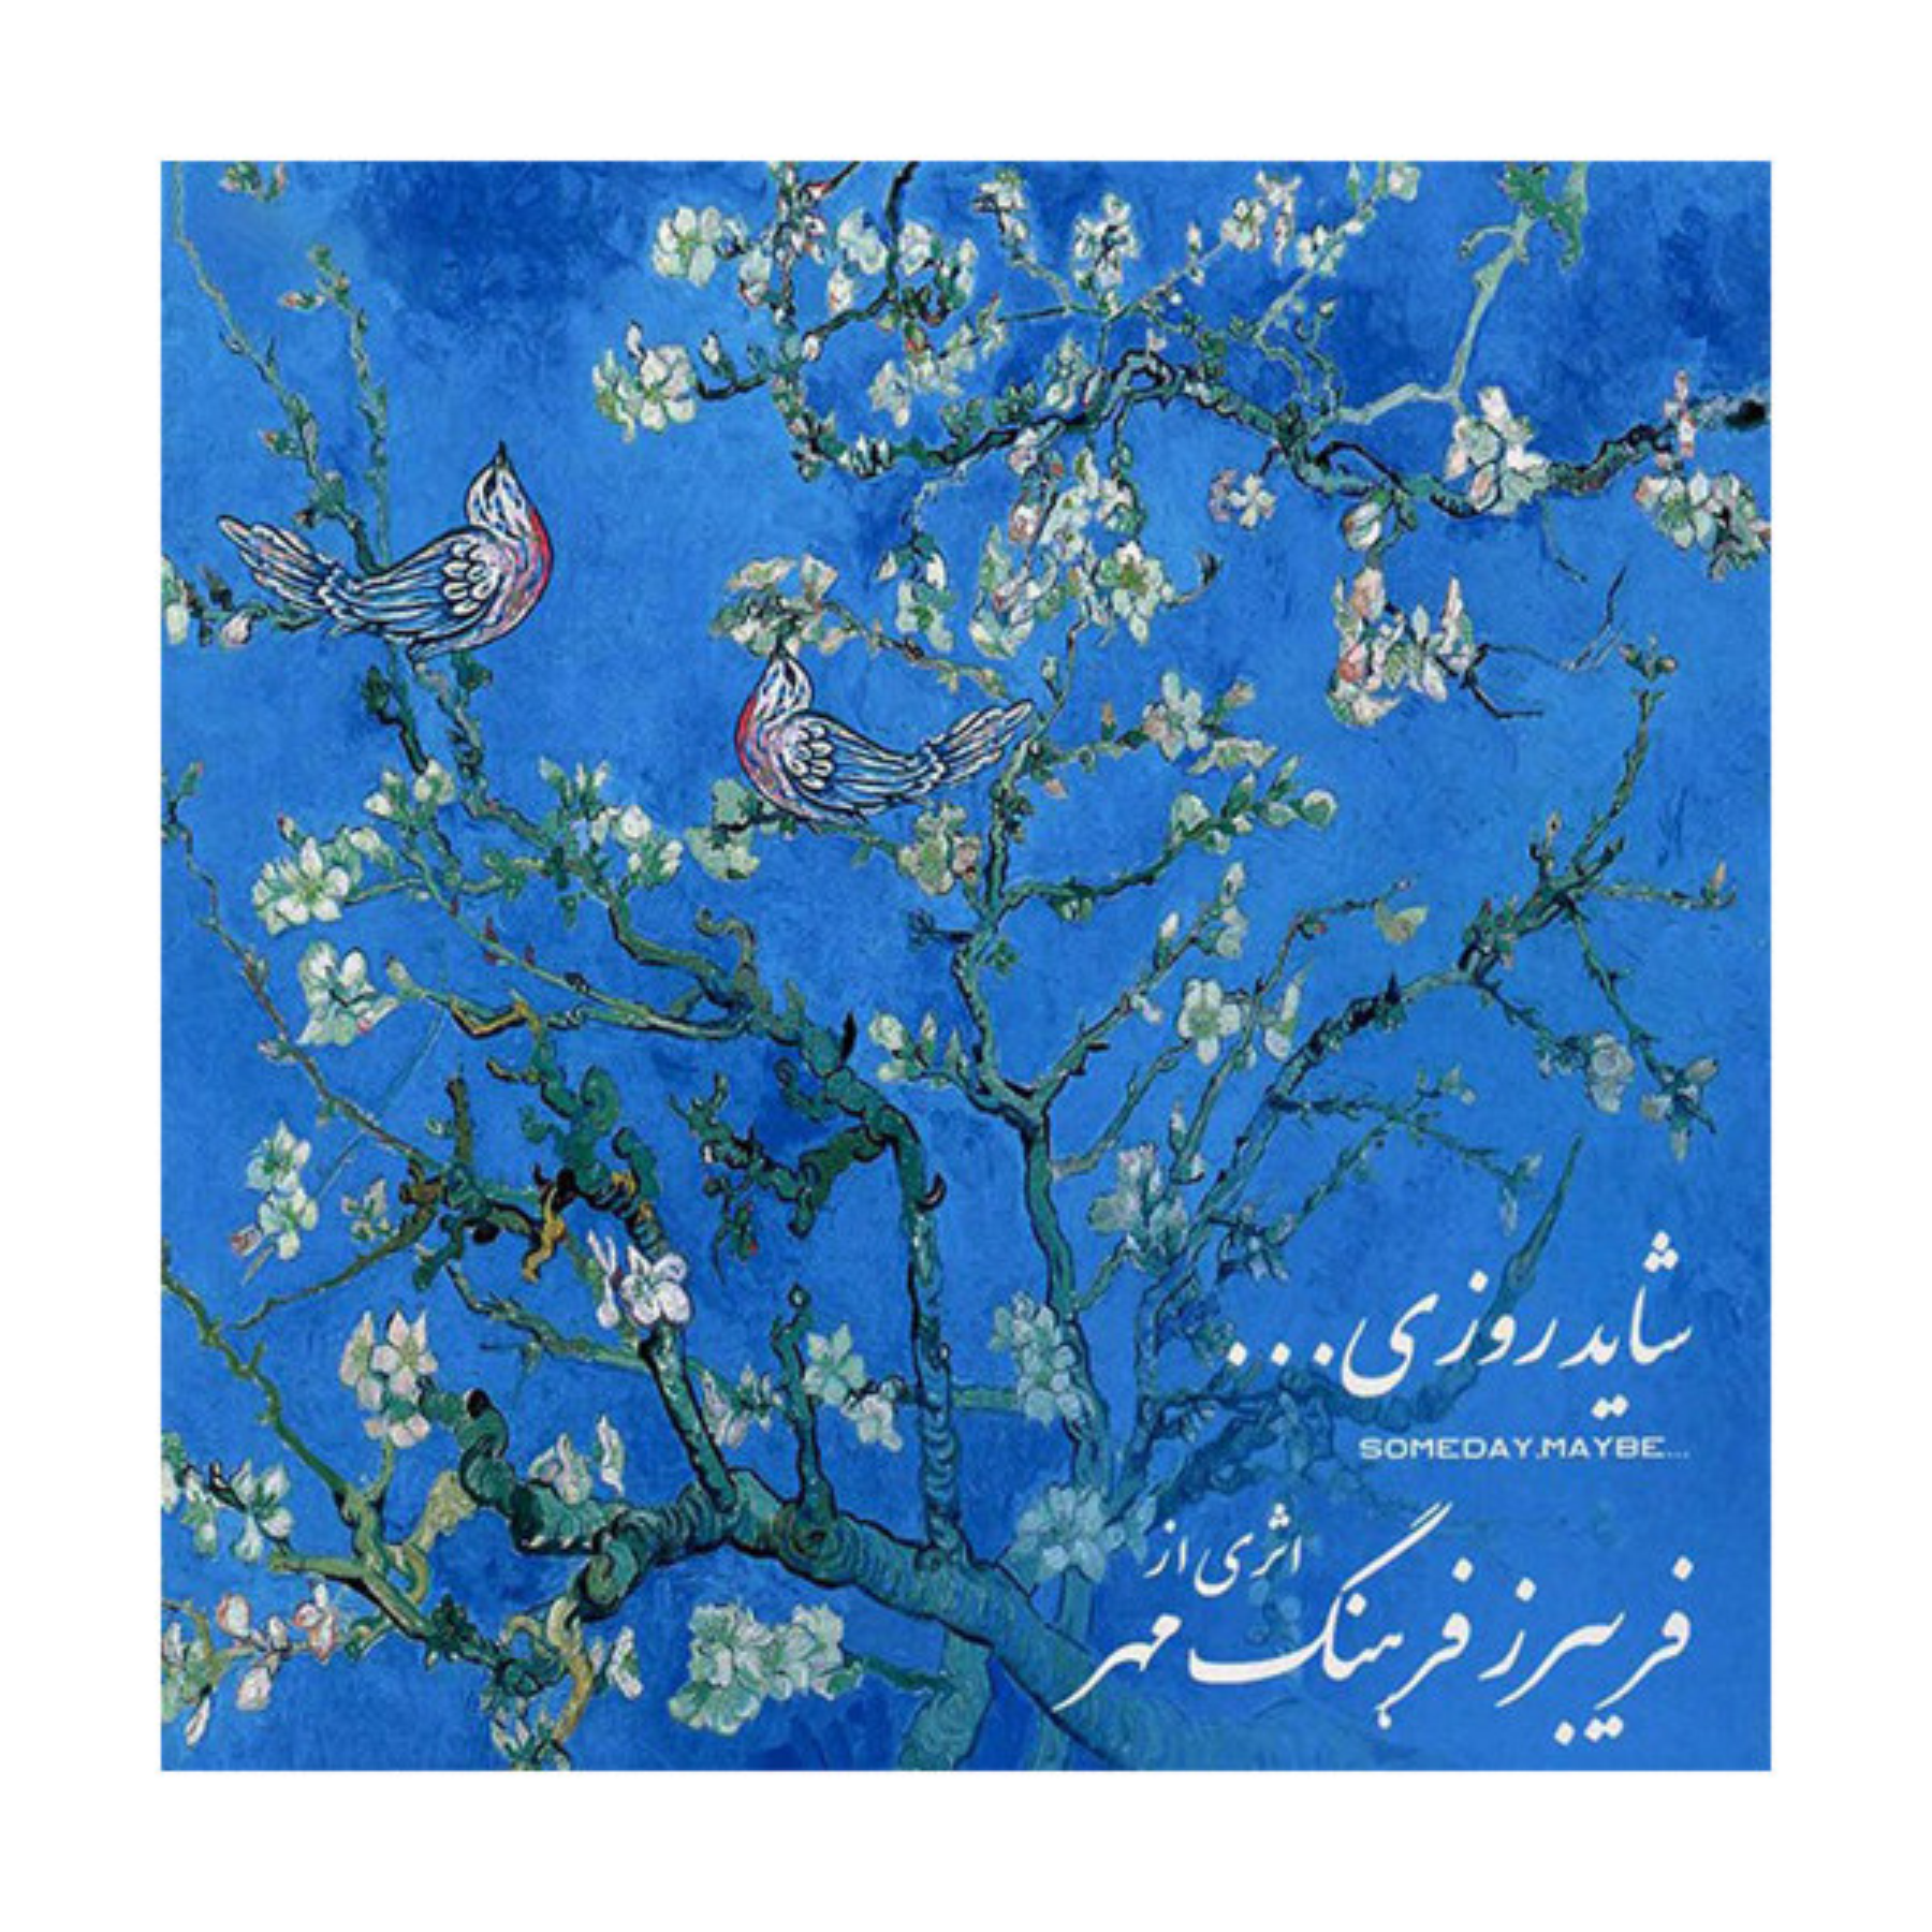 آلبوم موسیقی شاید روزی اثر فریبرز فرهنگ مهر